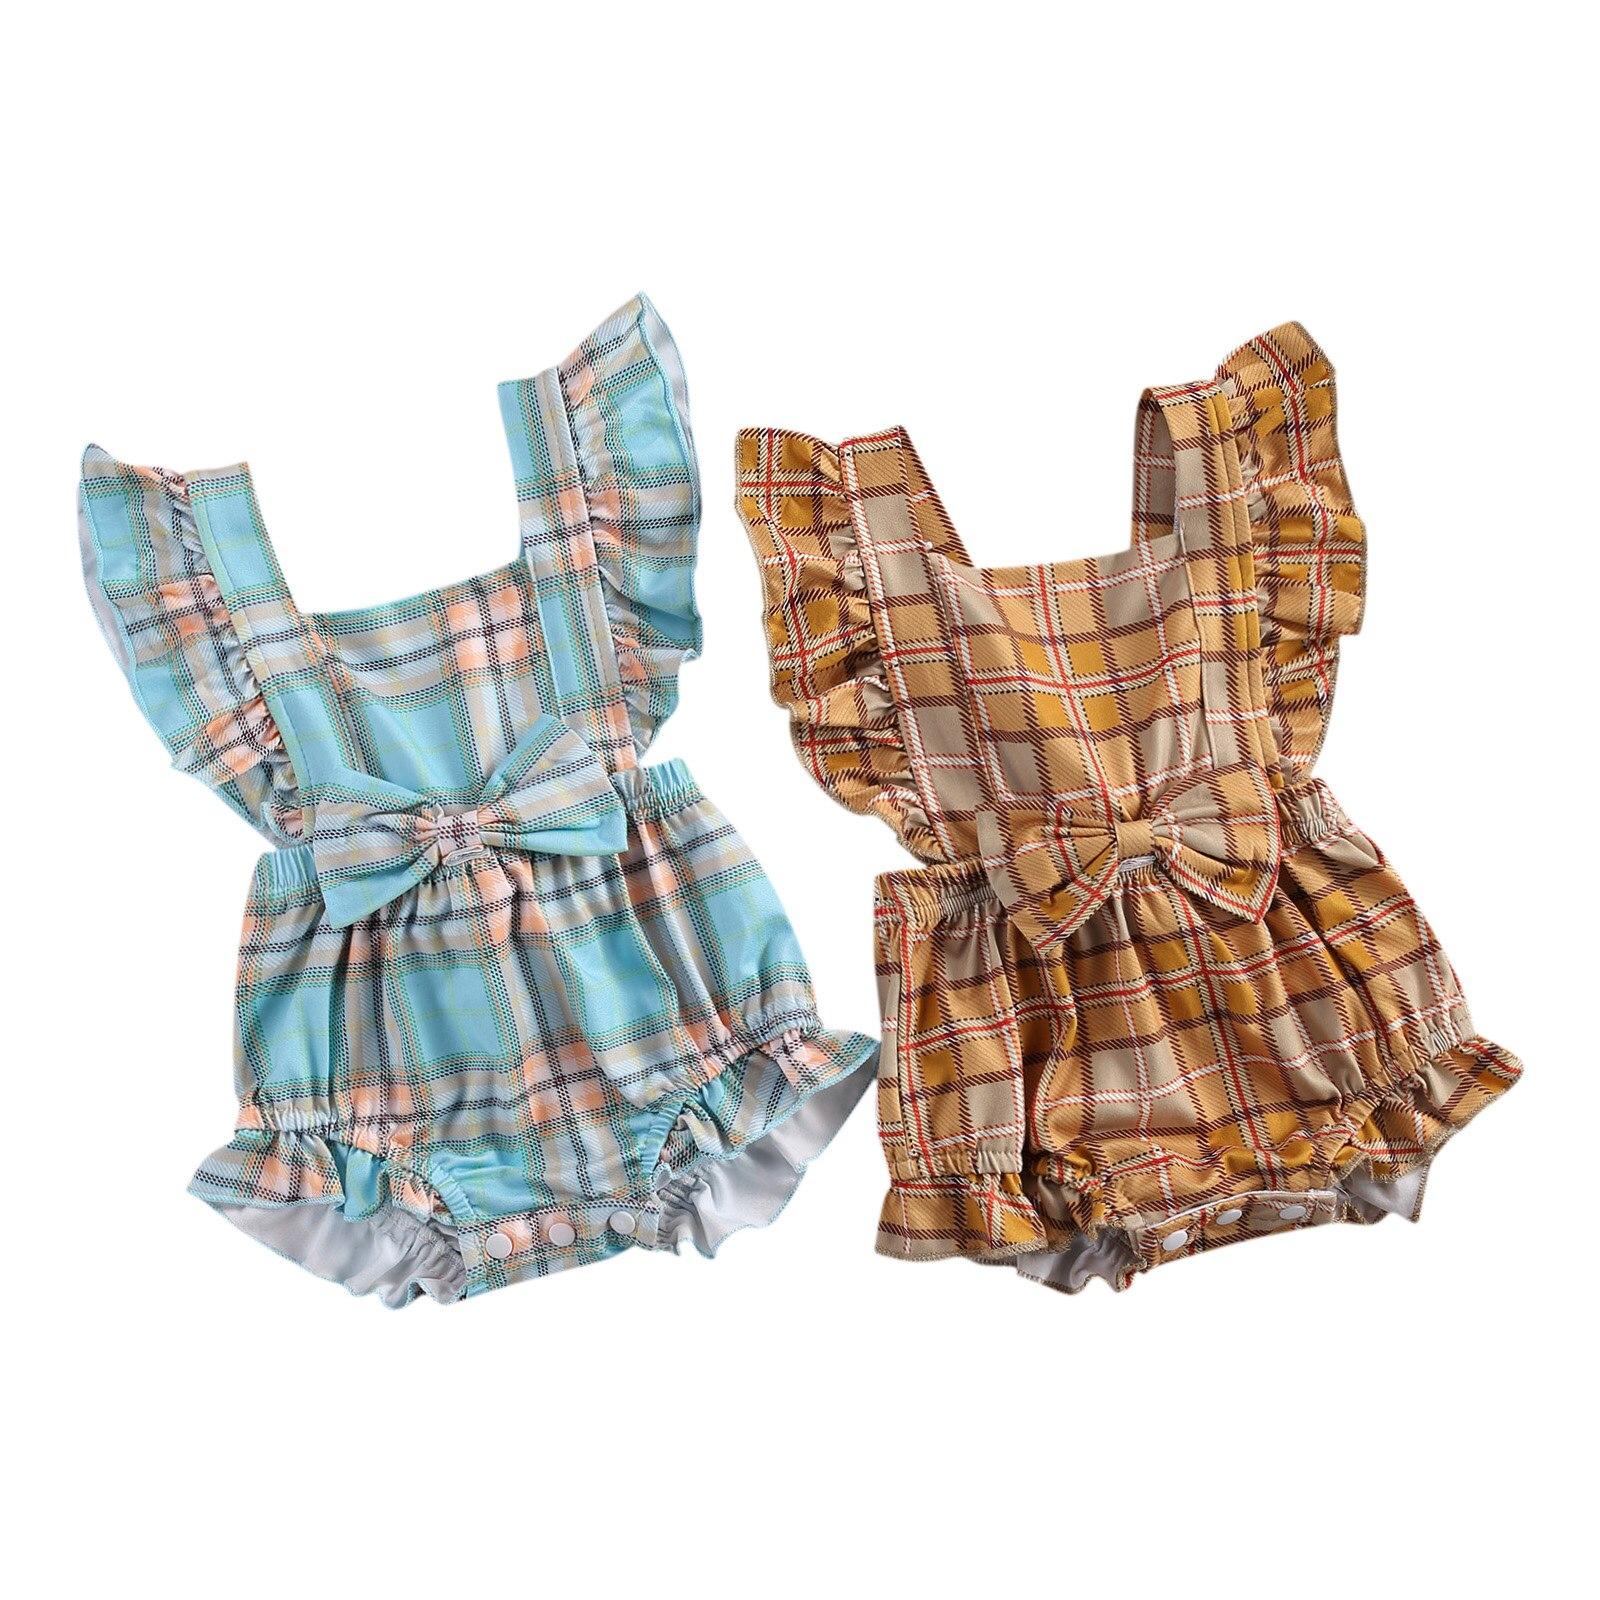 0-24M Baby Boys Girls Romper Set Winter Long Sleeve Simple Plaid Printed Romper Top